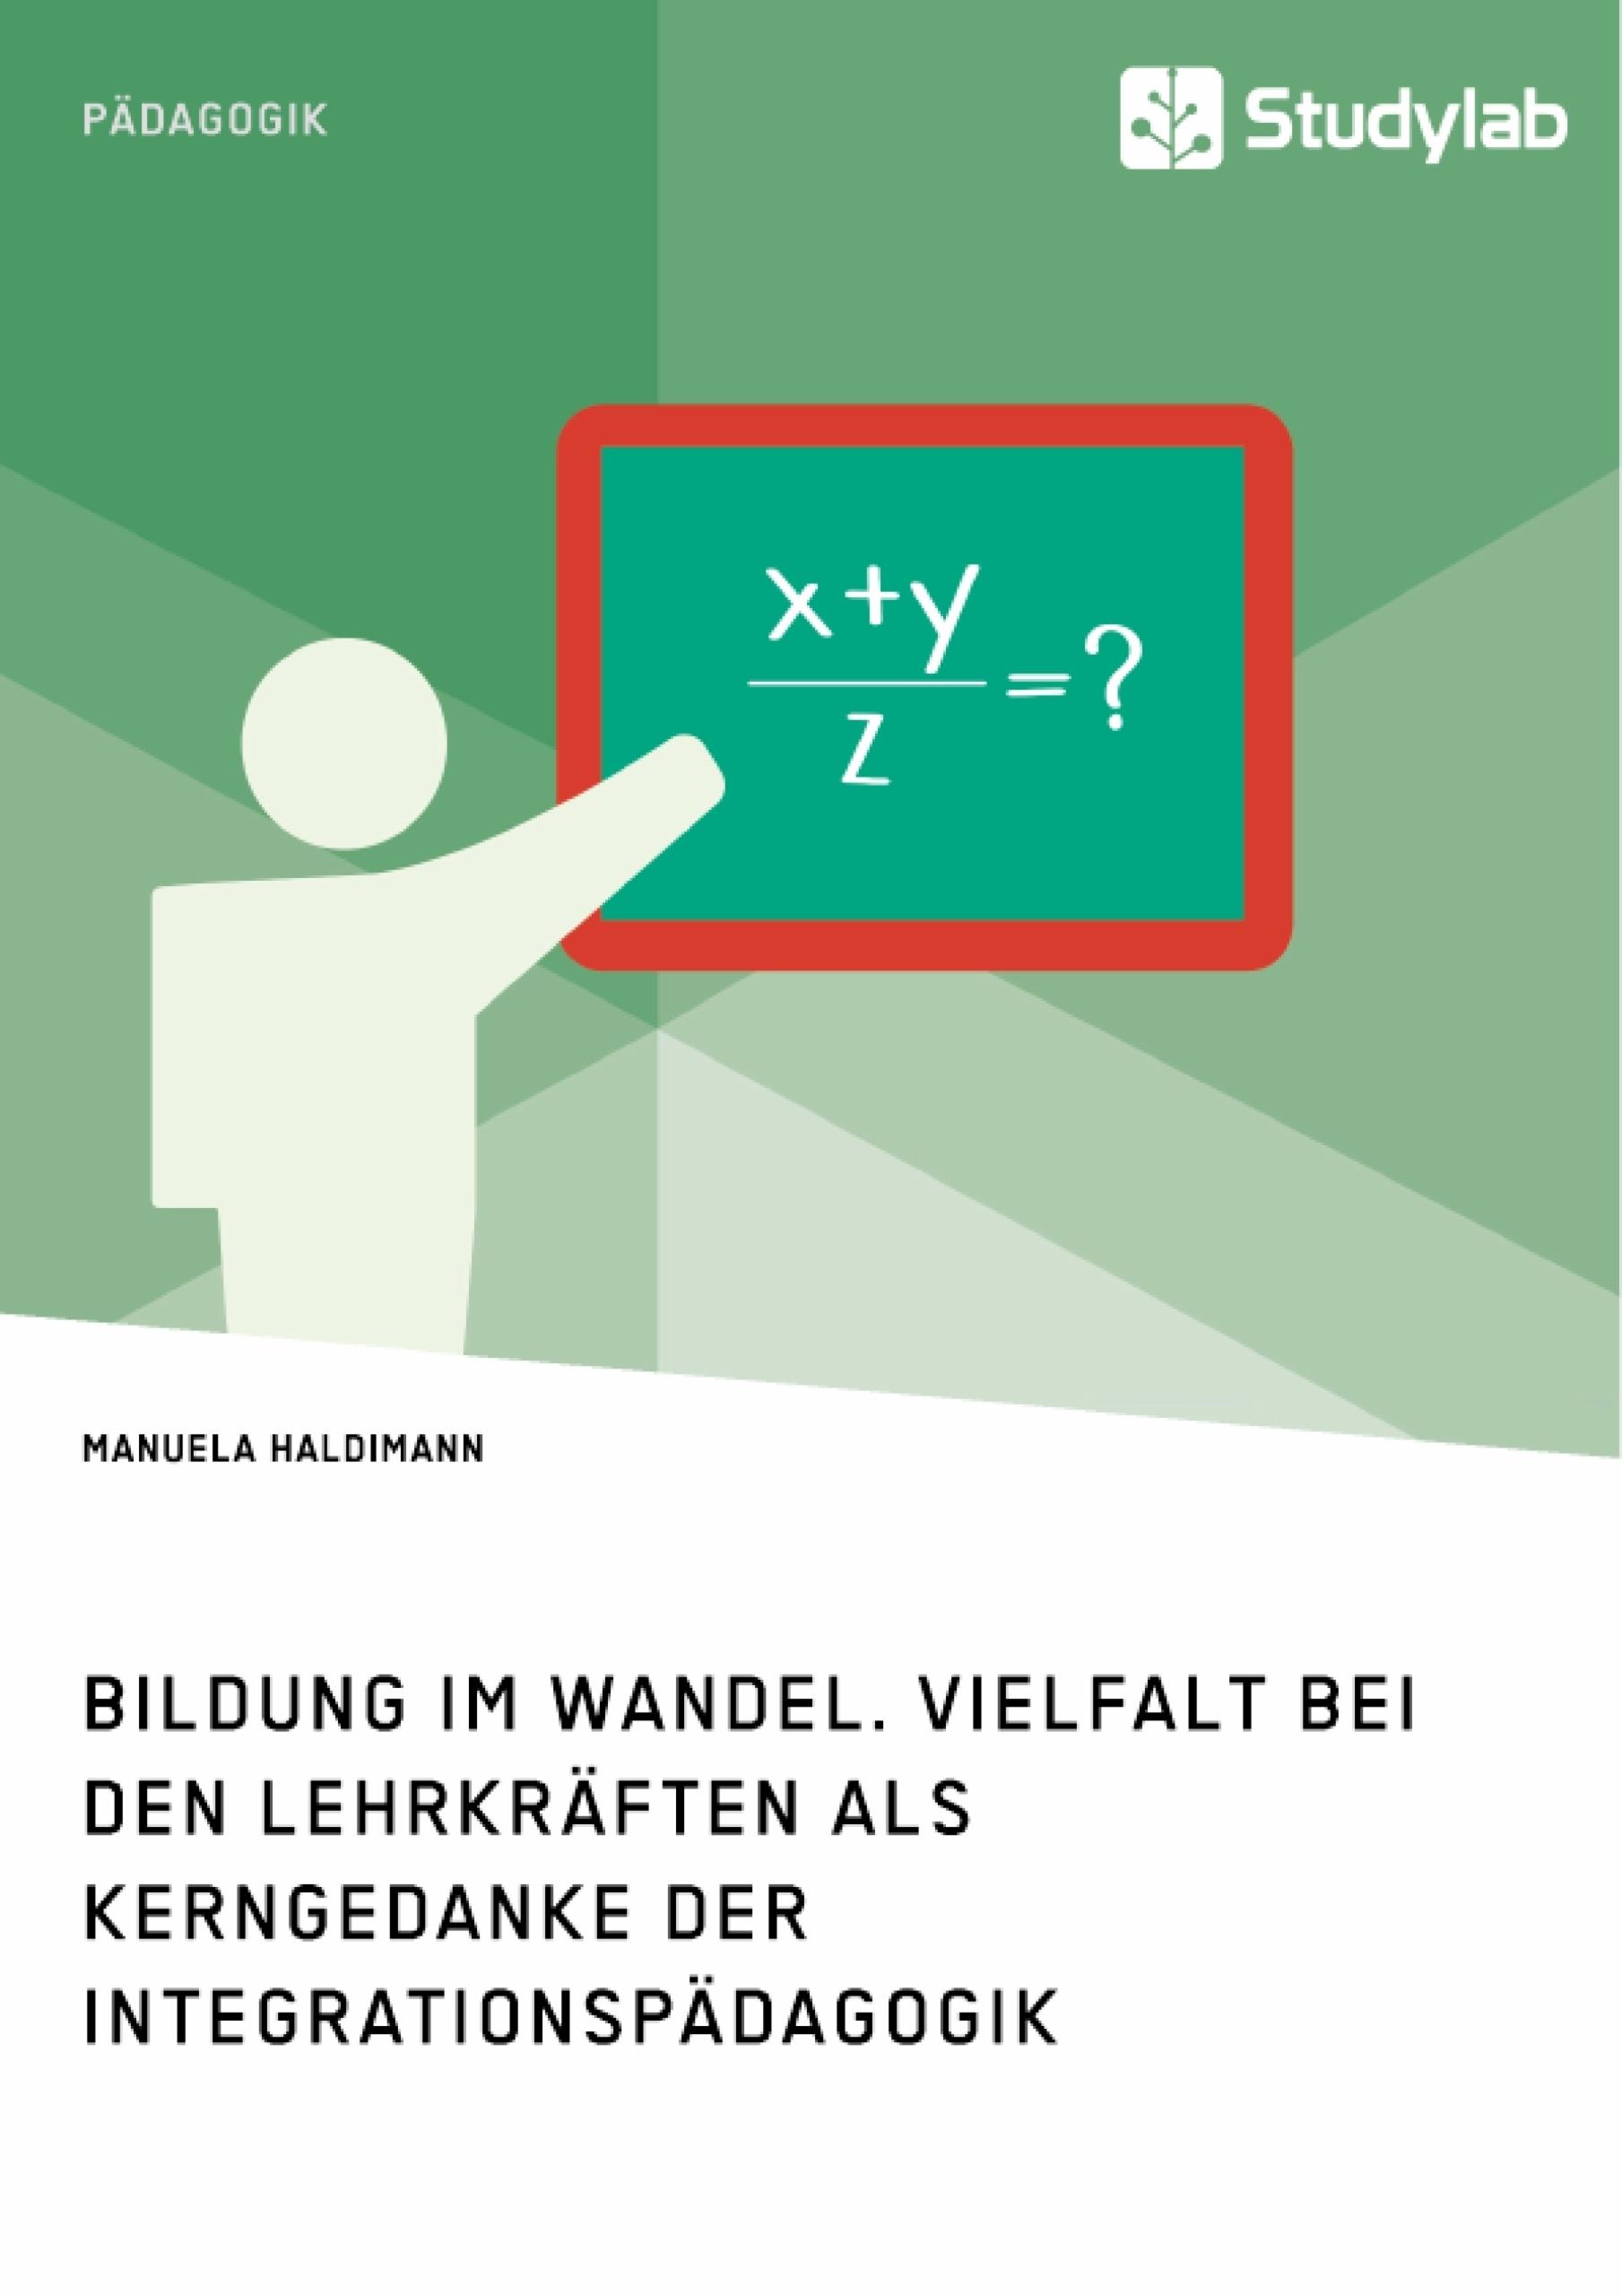 Titel: Bildung im Wandel. Vielfalt bei den Lehrkräften als Kerngedanke der Integrationspädagogik